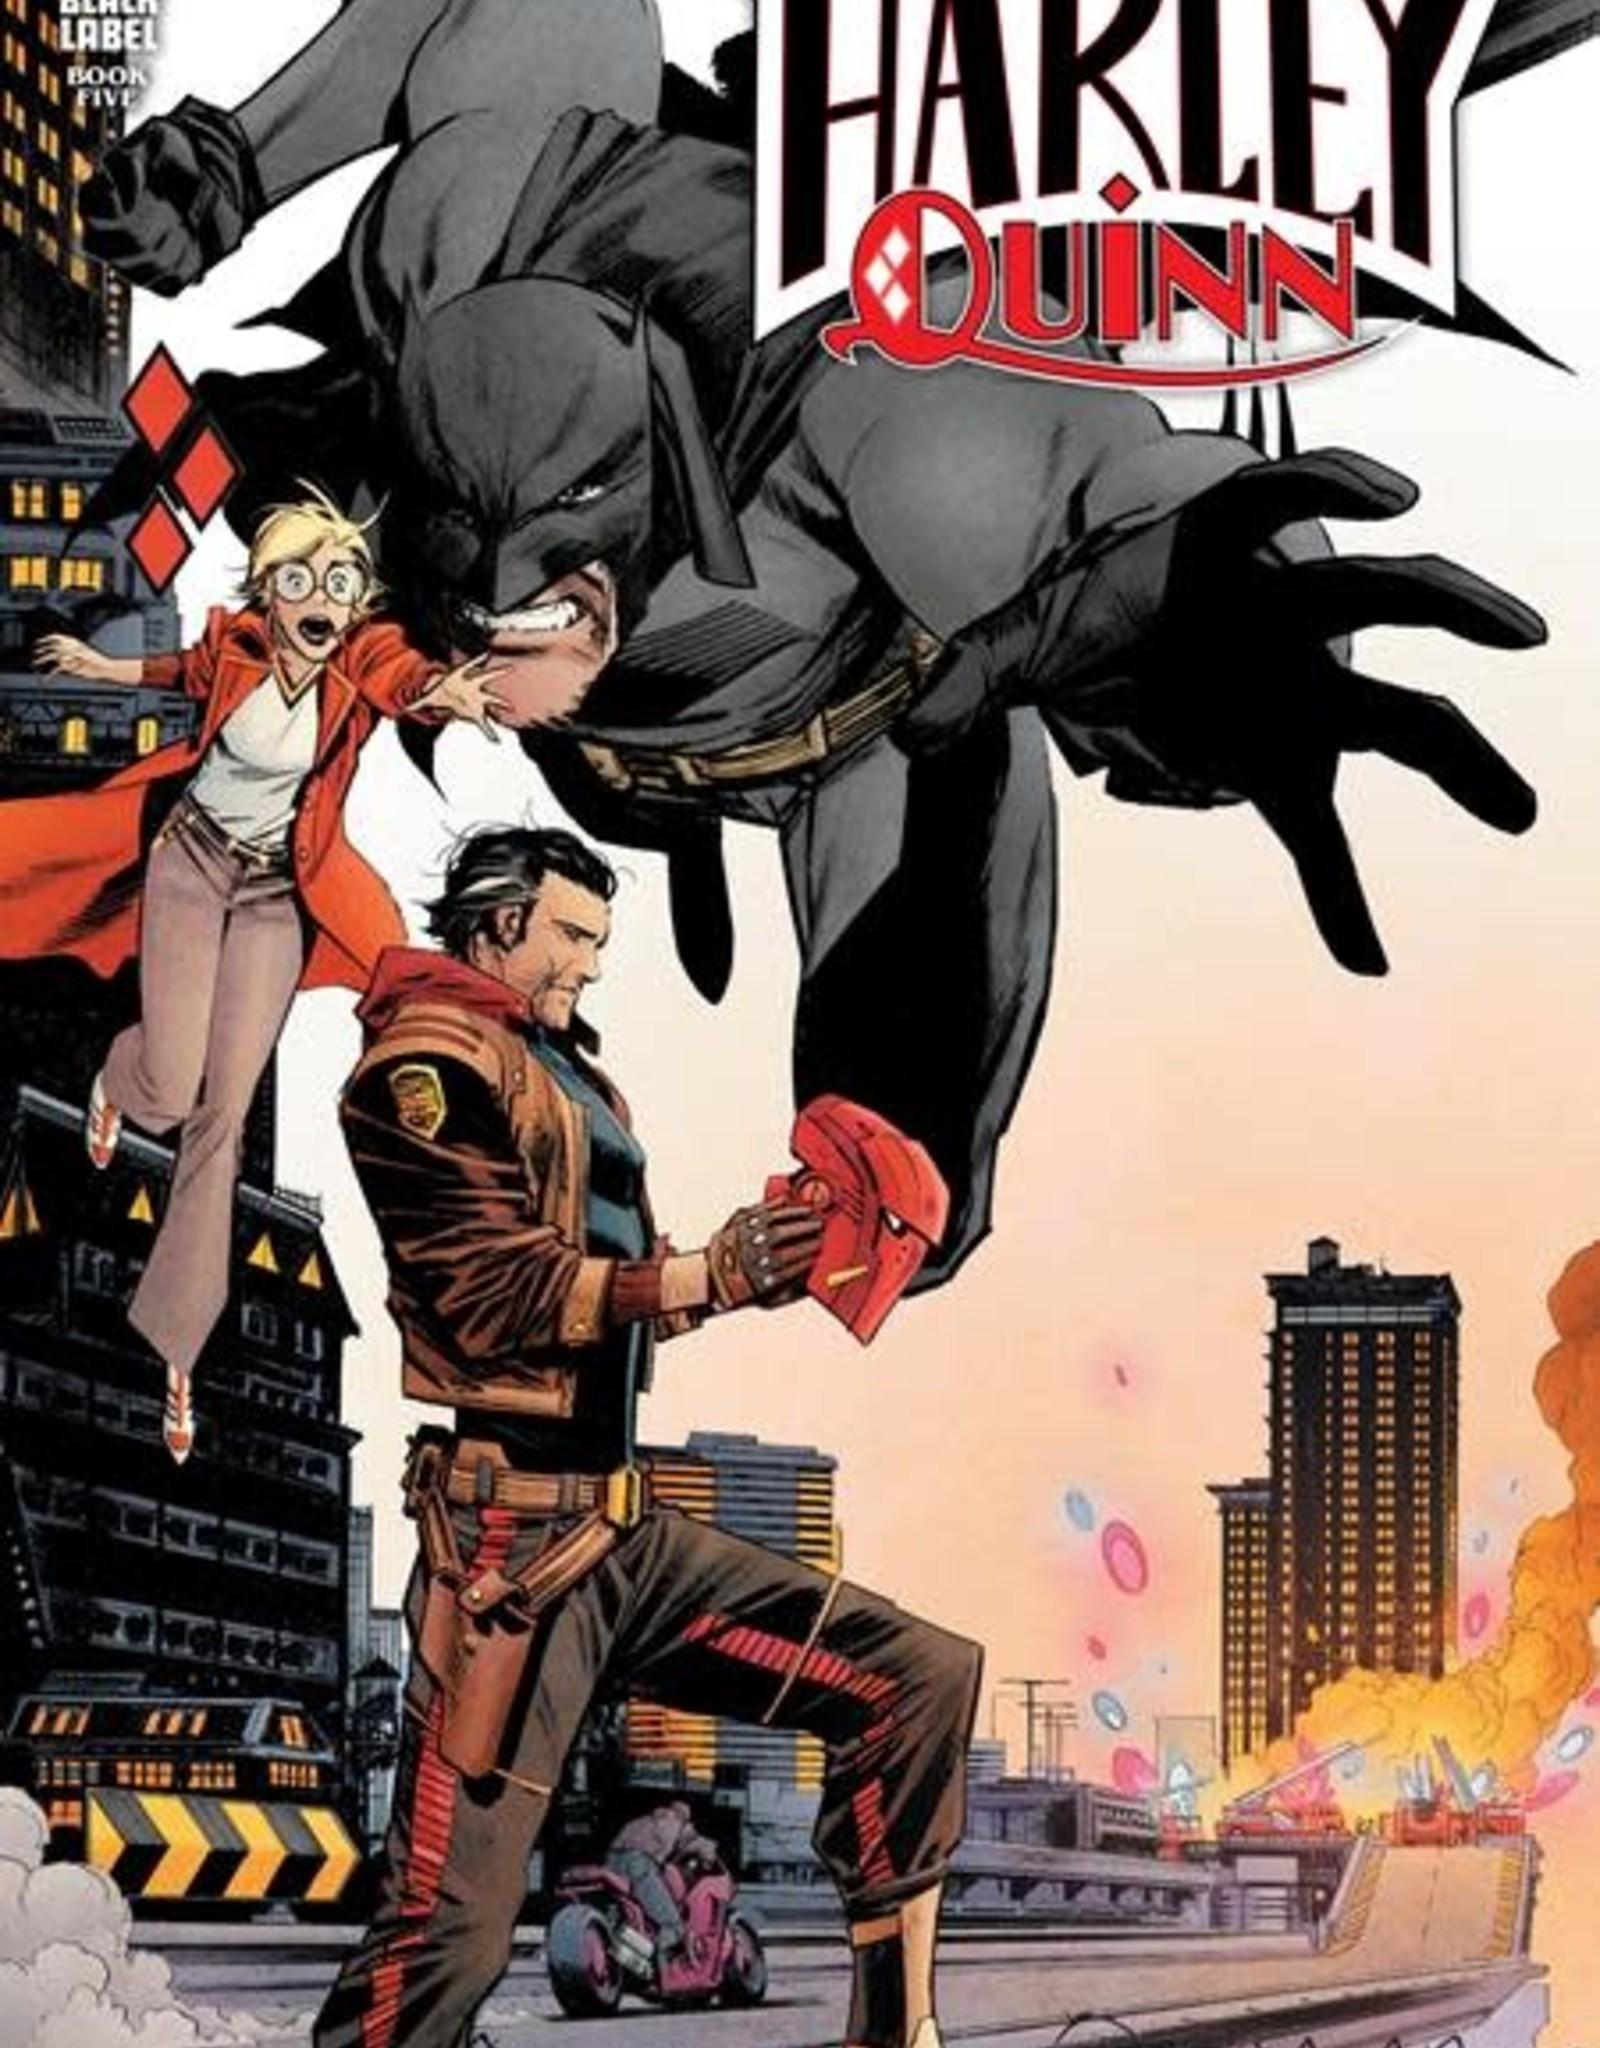 DC Comics Batman White Knight Presents Harley Quinn #5 Cvr A Sean Murphy